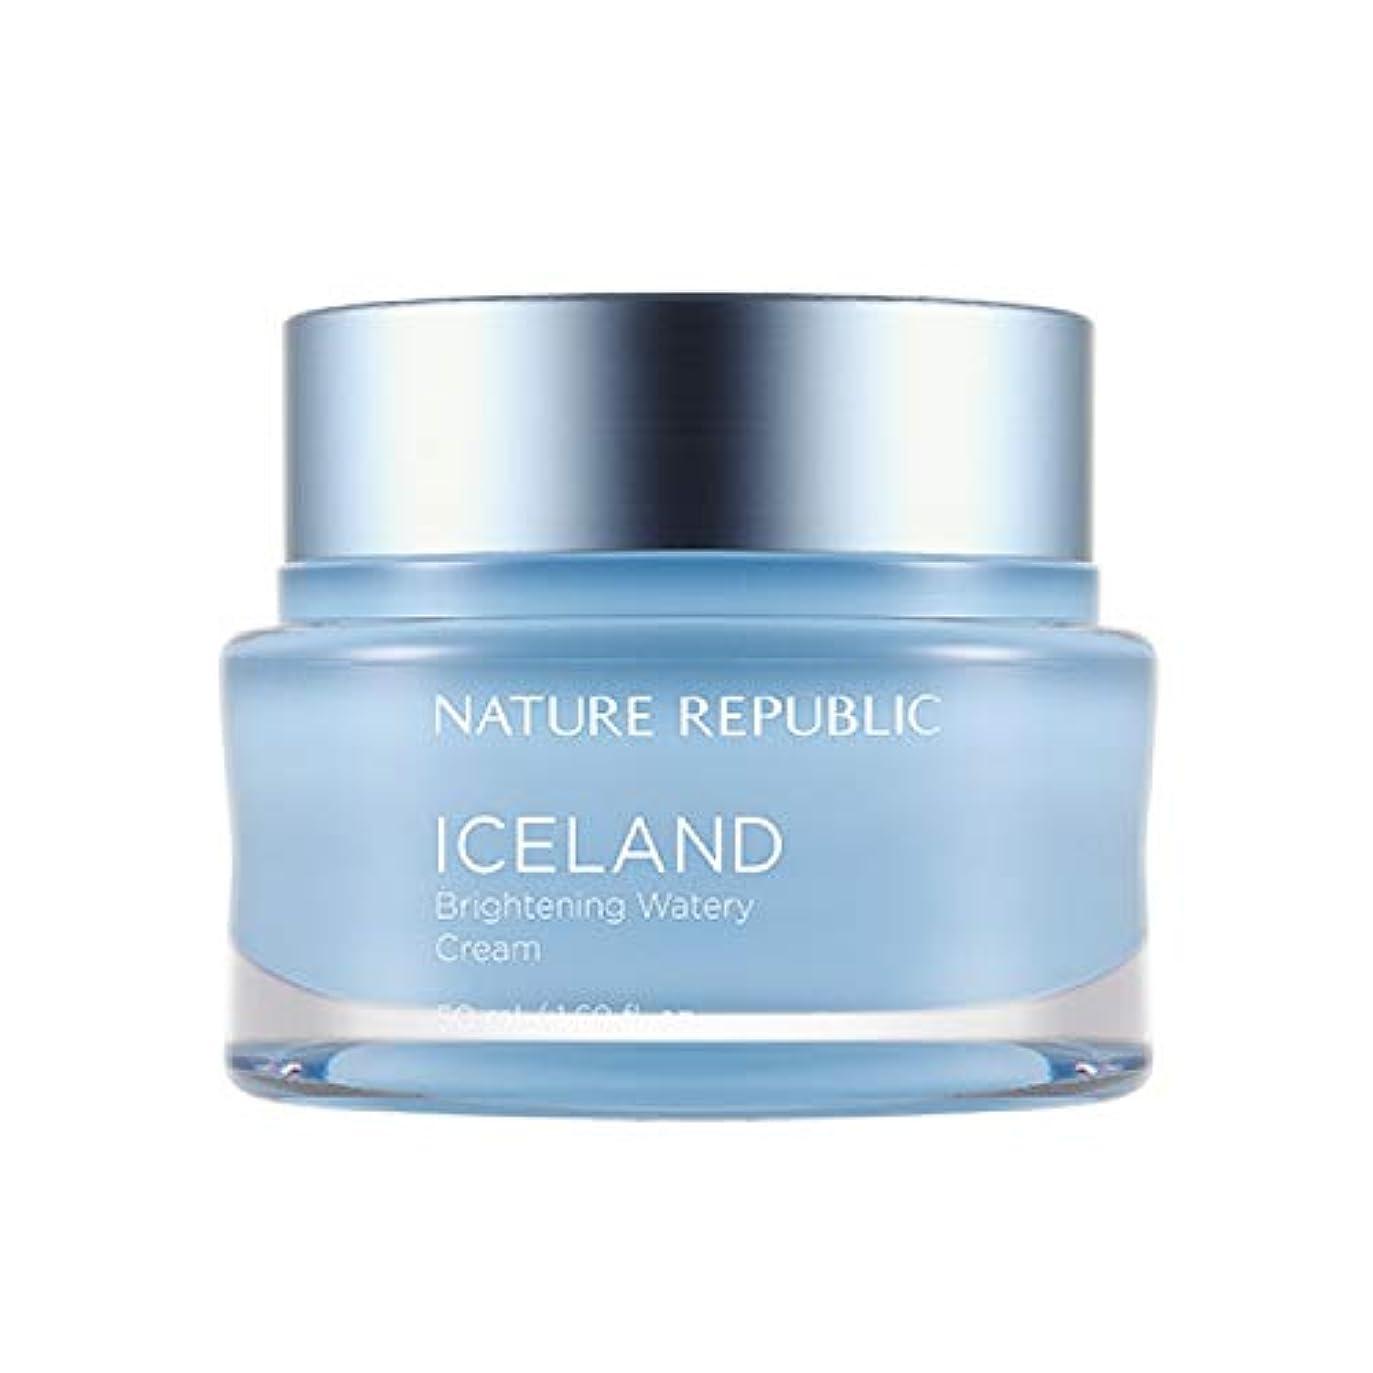 怠けた気をつけて宿題をするネイチャーリパブリック(Nature Republic)アイスブライトニング水分クリーム 50ml / Iceland Brightening Watery Cream 50ml :: 韓国コスメ [並行輸入品]